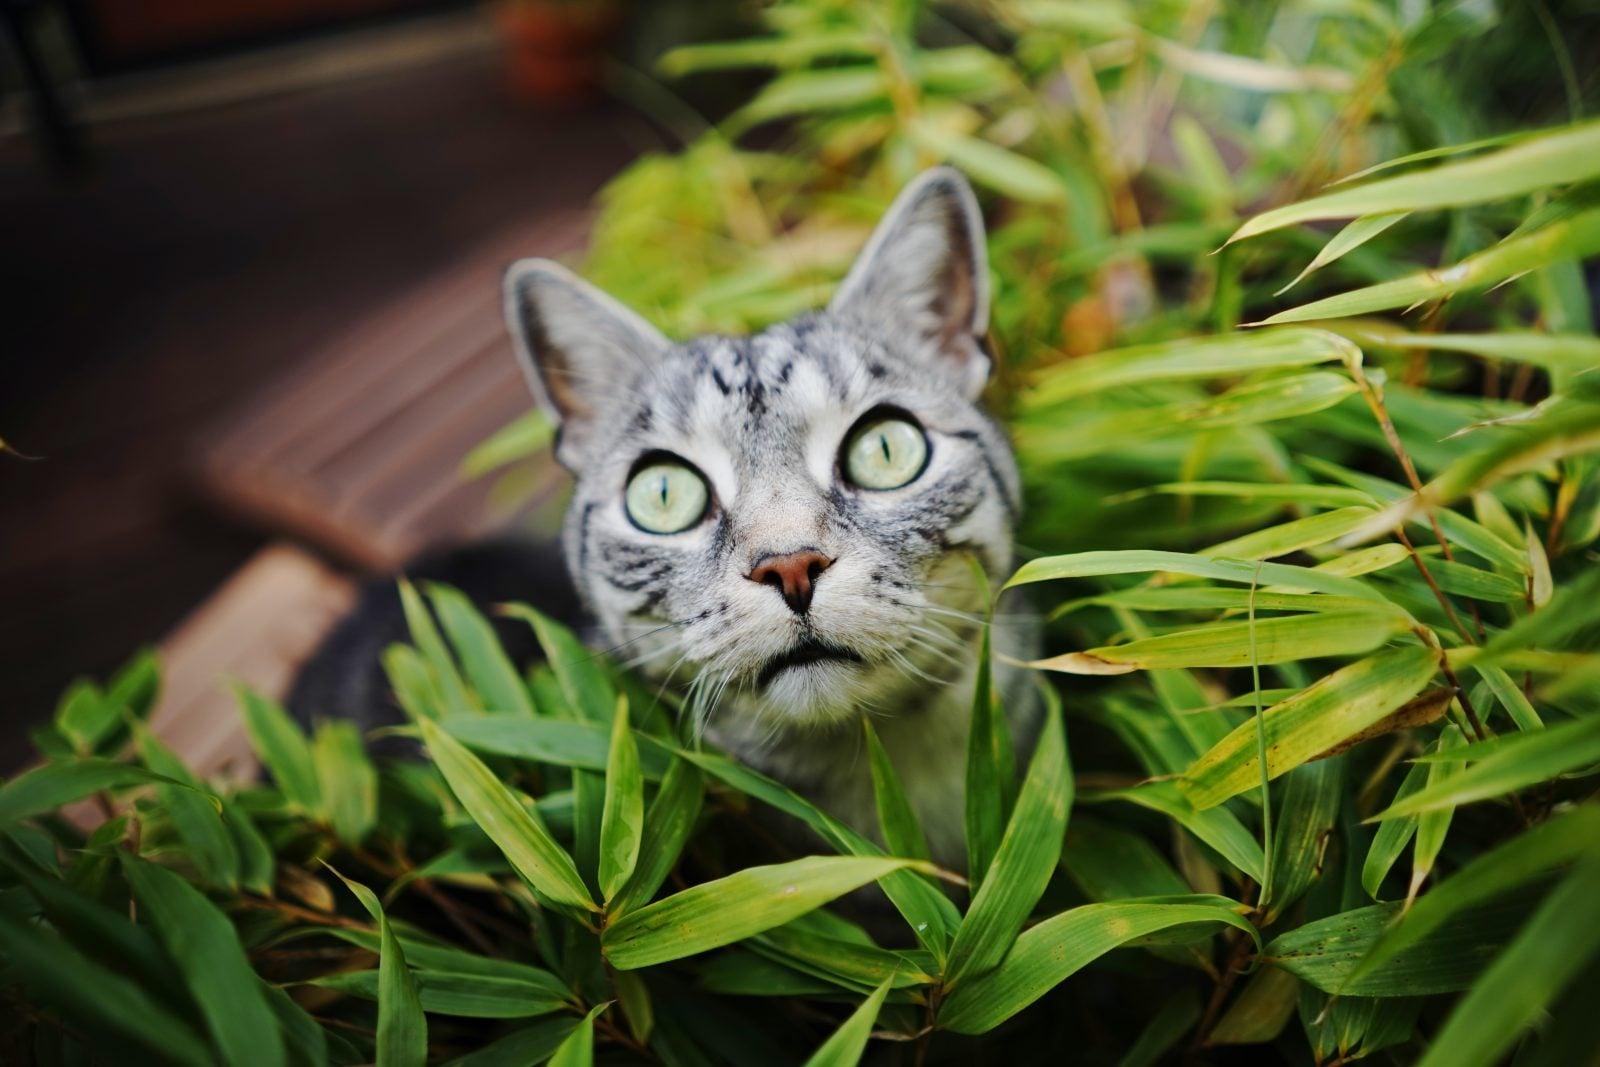 Los 10 mejores consejos para encontrar gatos perdidos